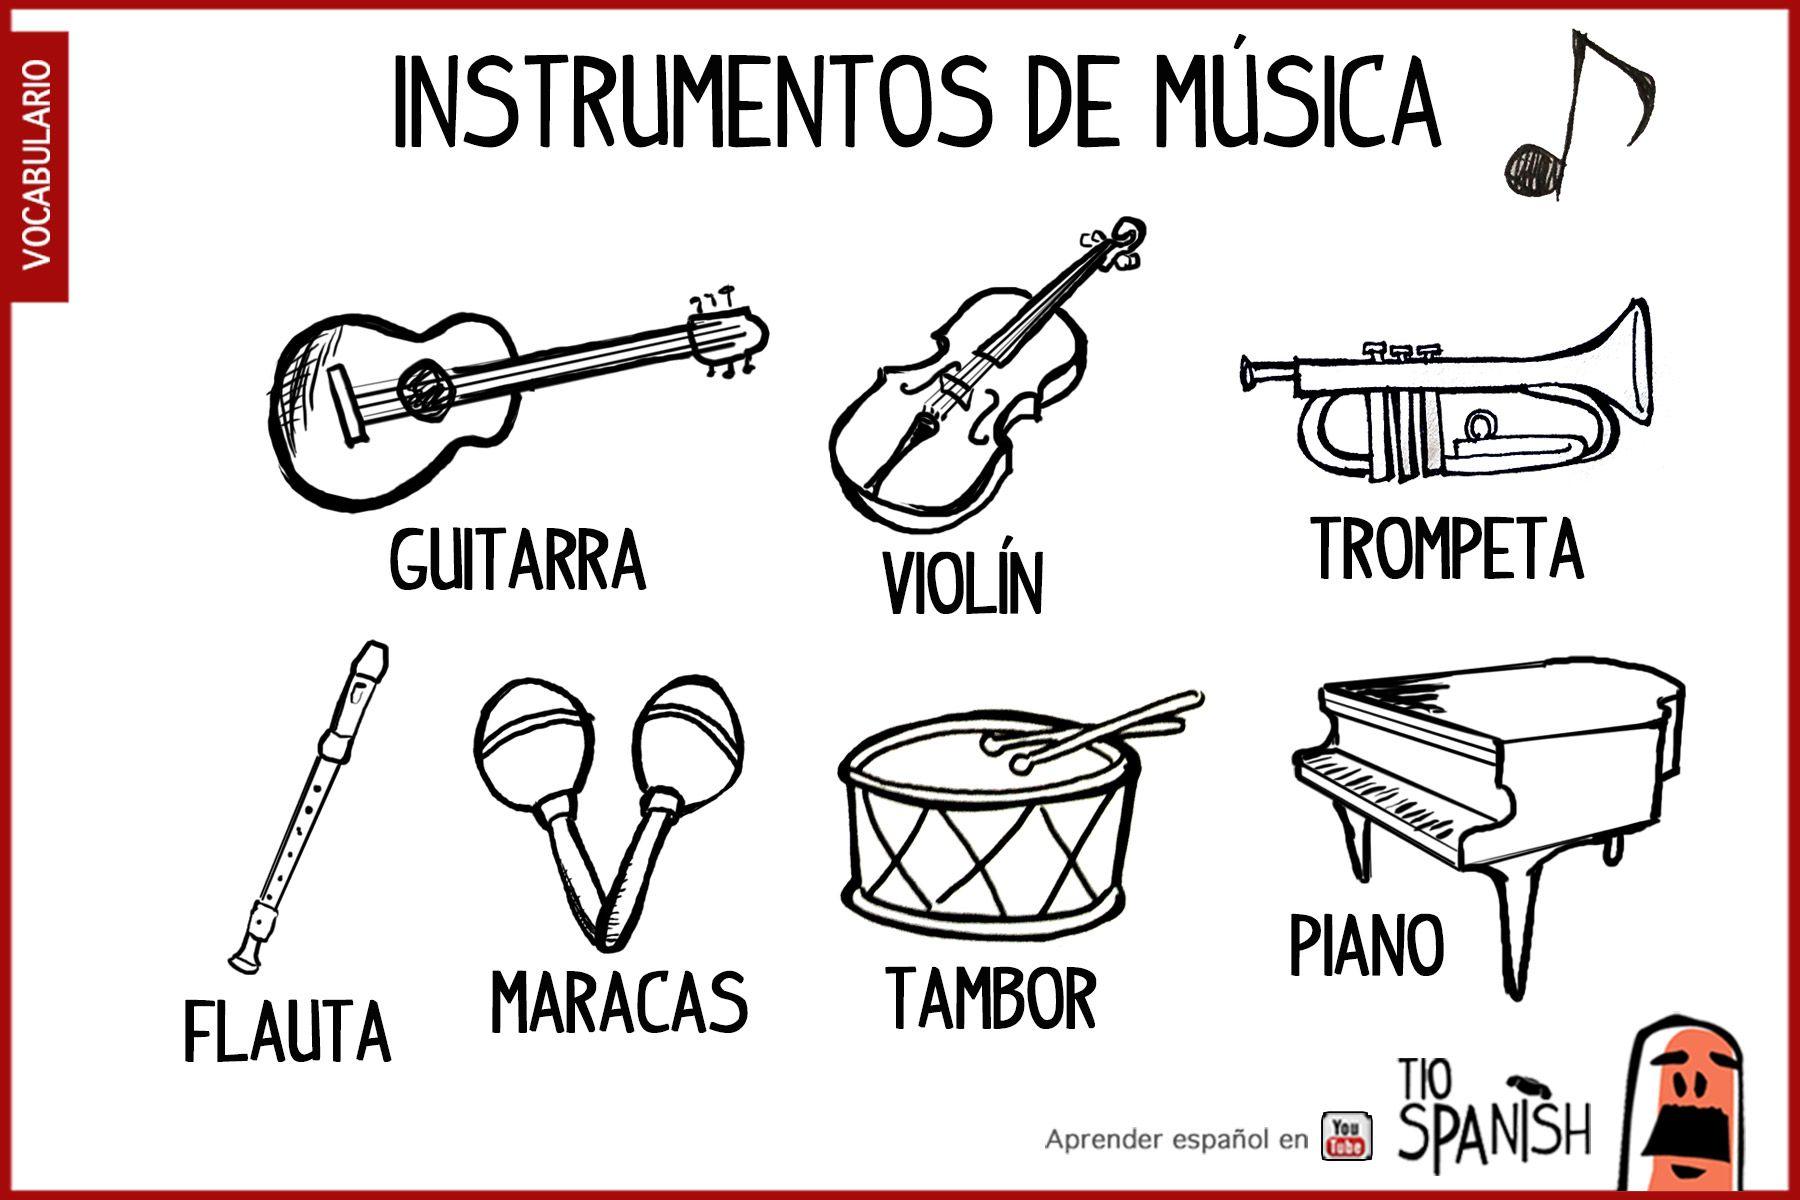 Los Instrumentos De Musica En Espanol Guitarra Violin